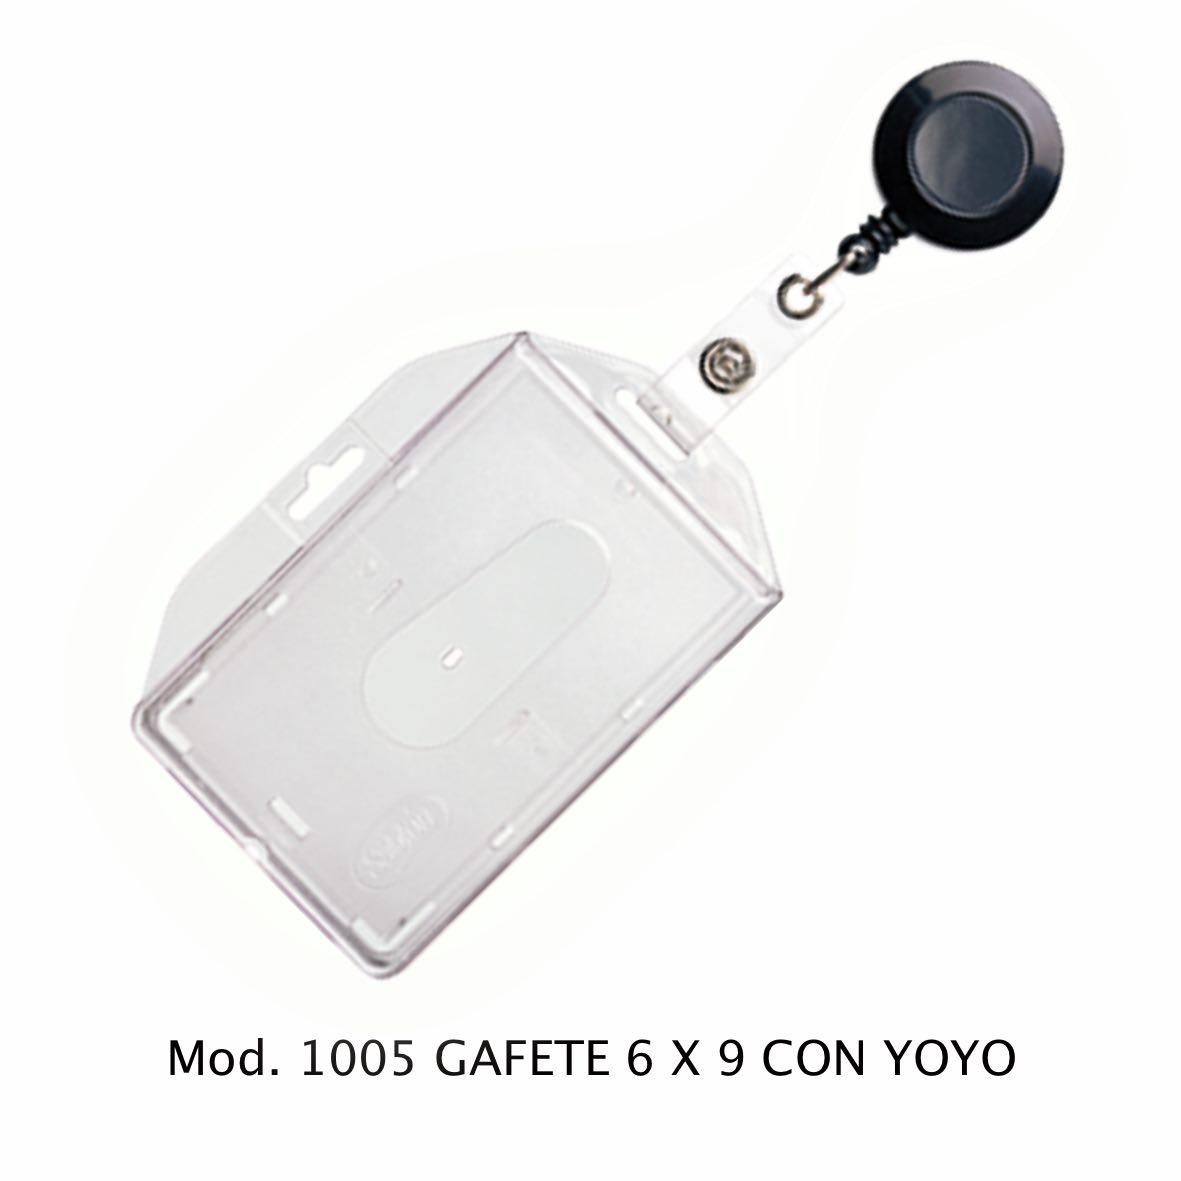 Gafete con yoyo chico Modelo 1005 - Sablón